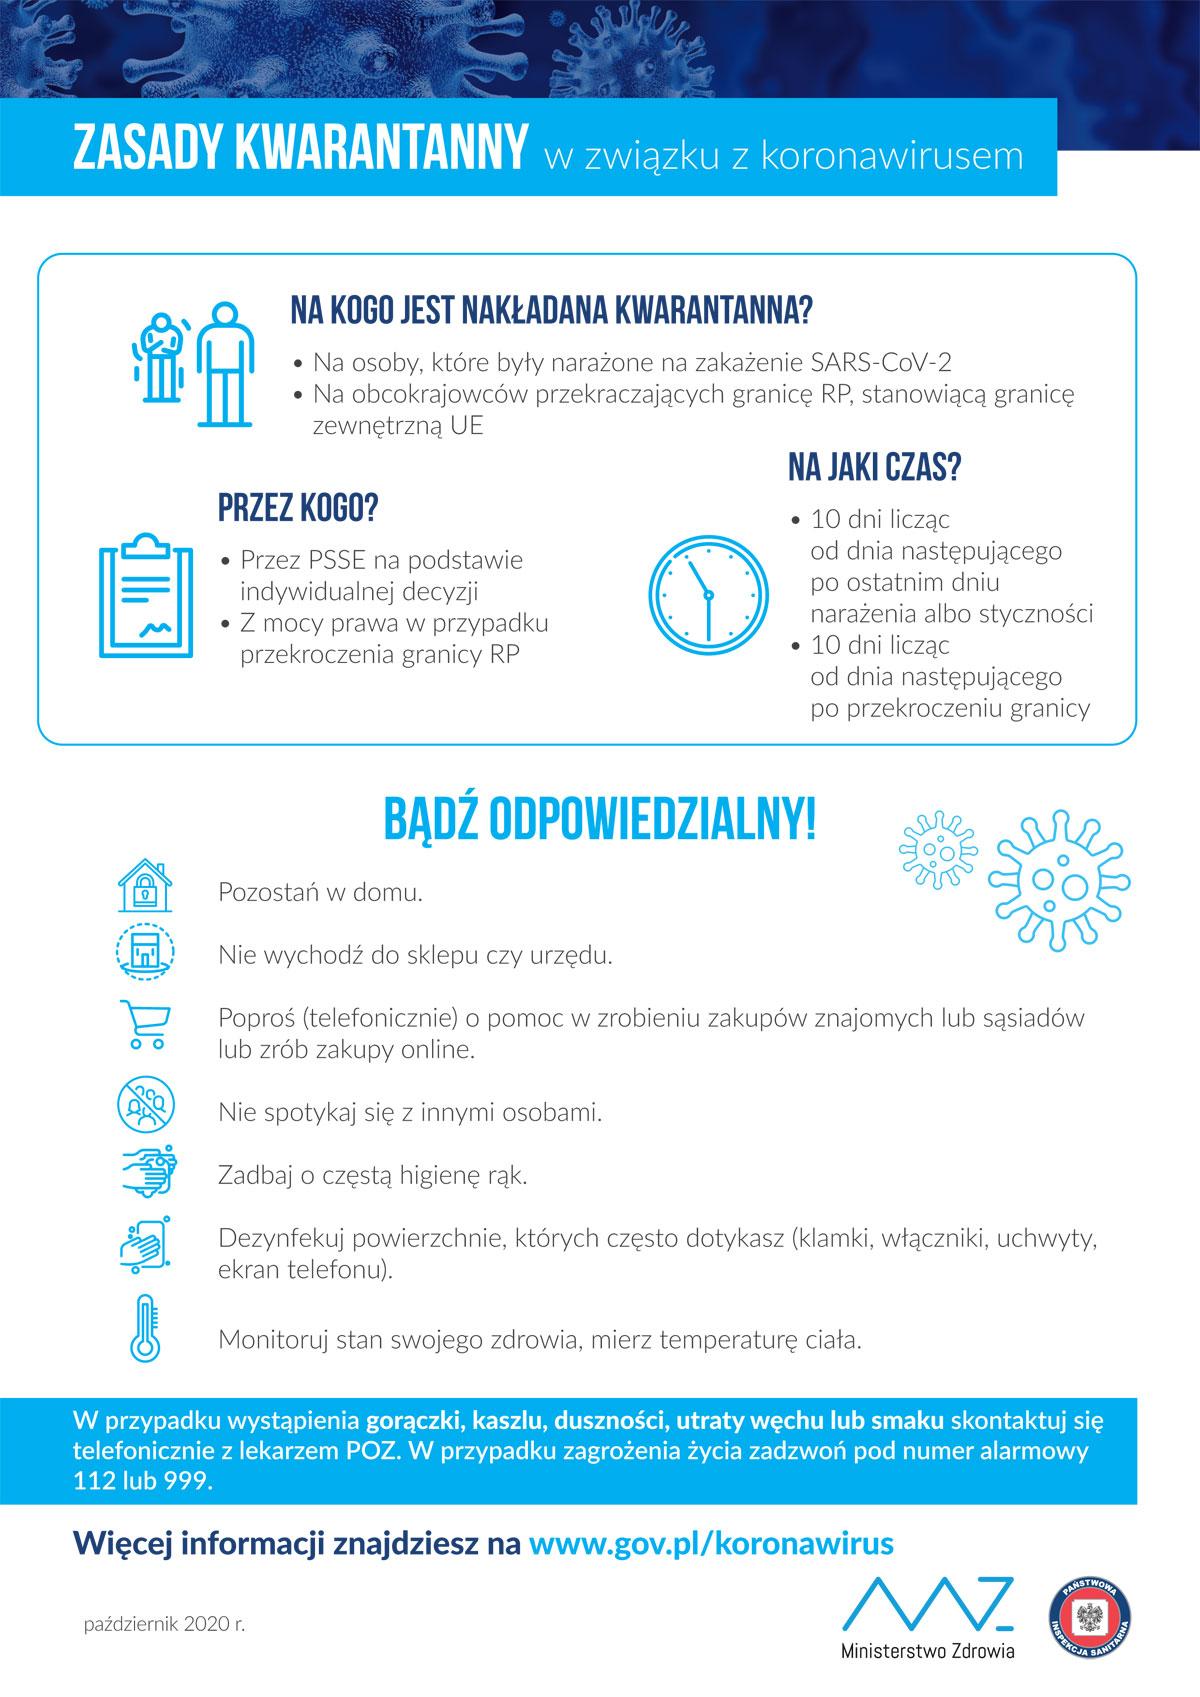 Plakat COVID-19: zasady kwarantanny